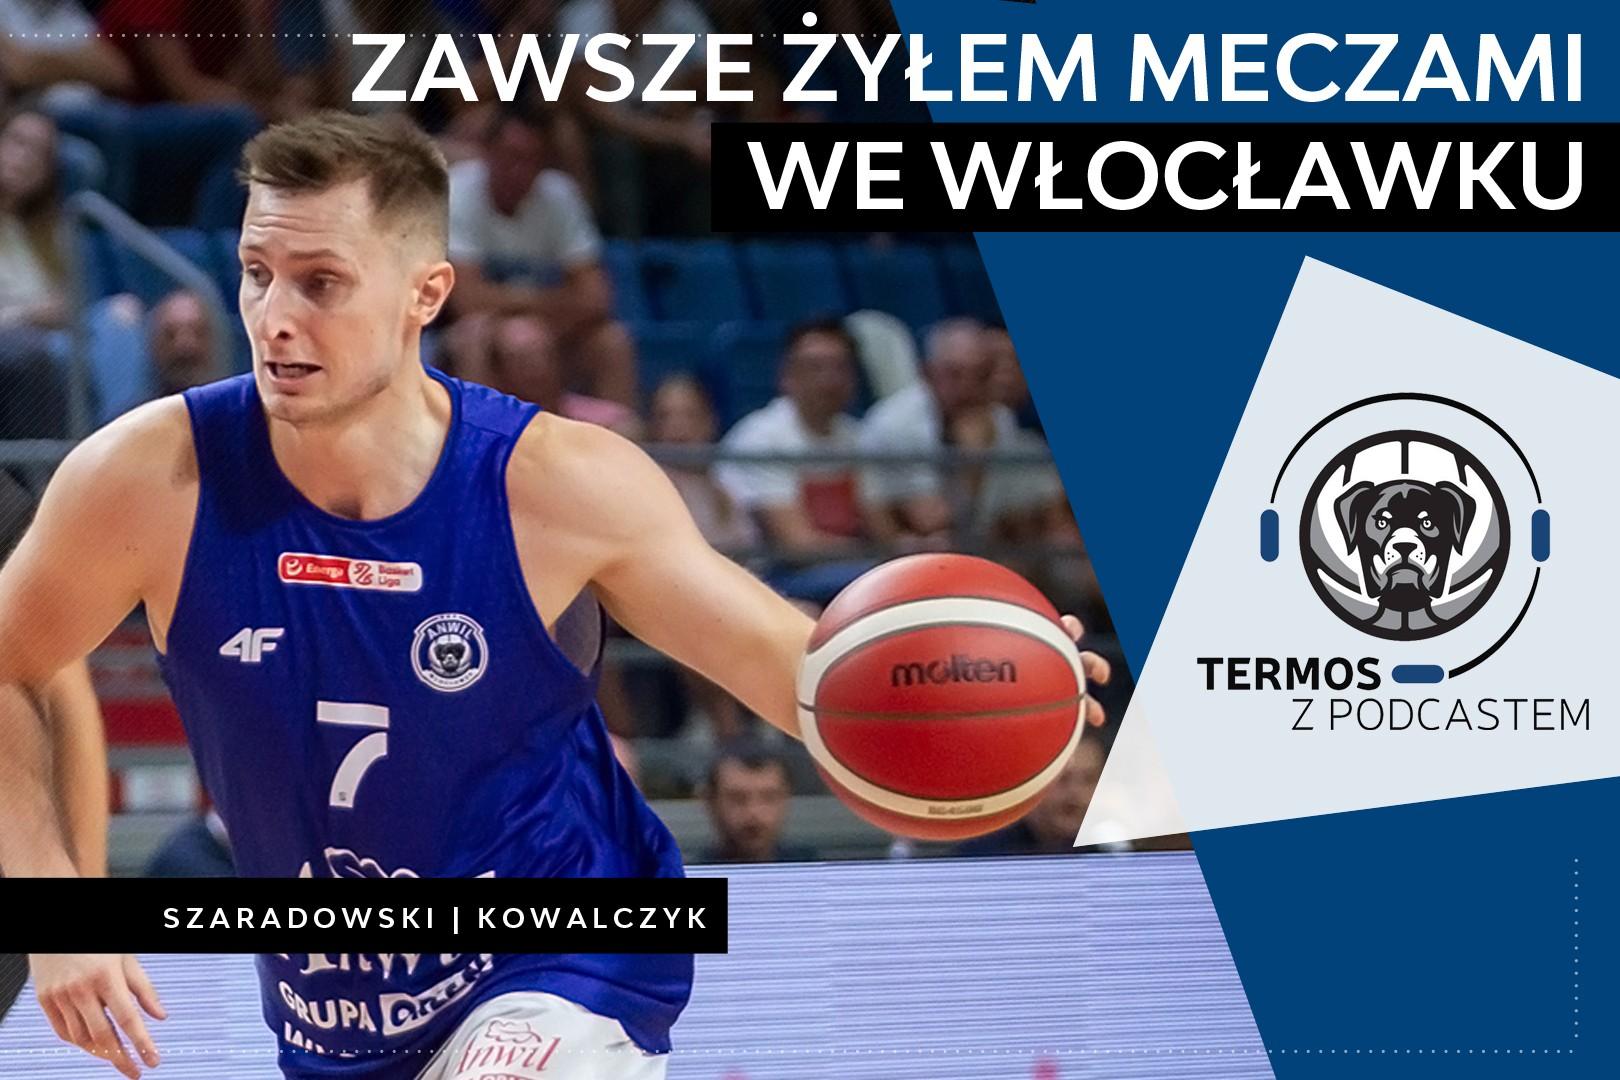 #107 Termos z Podcastem: Zawsze żyłem meczami we Włocławku